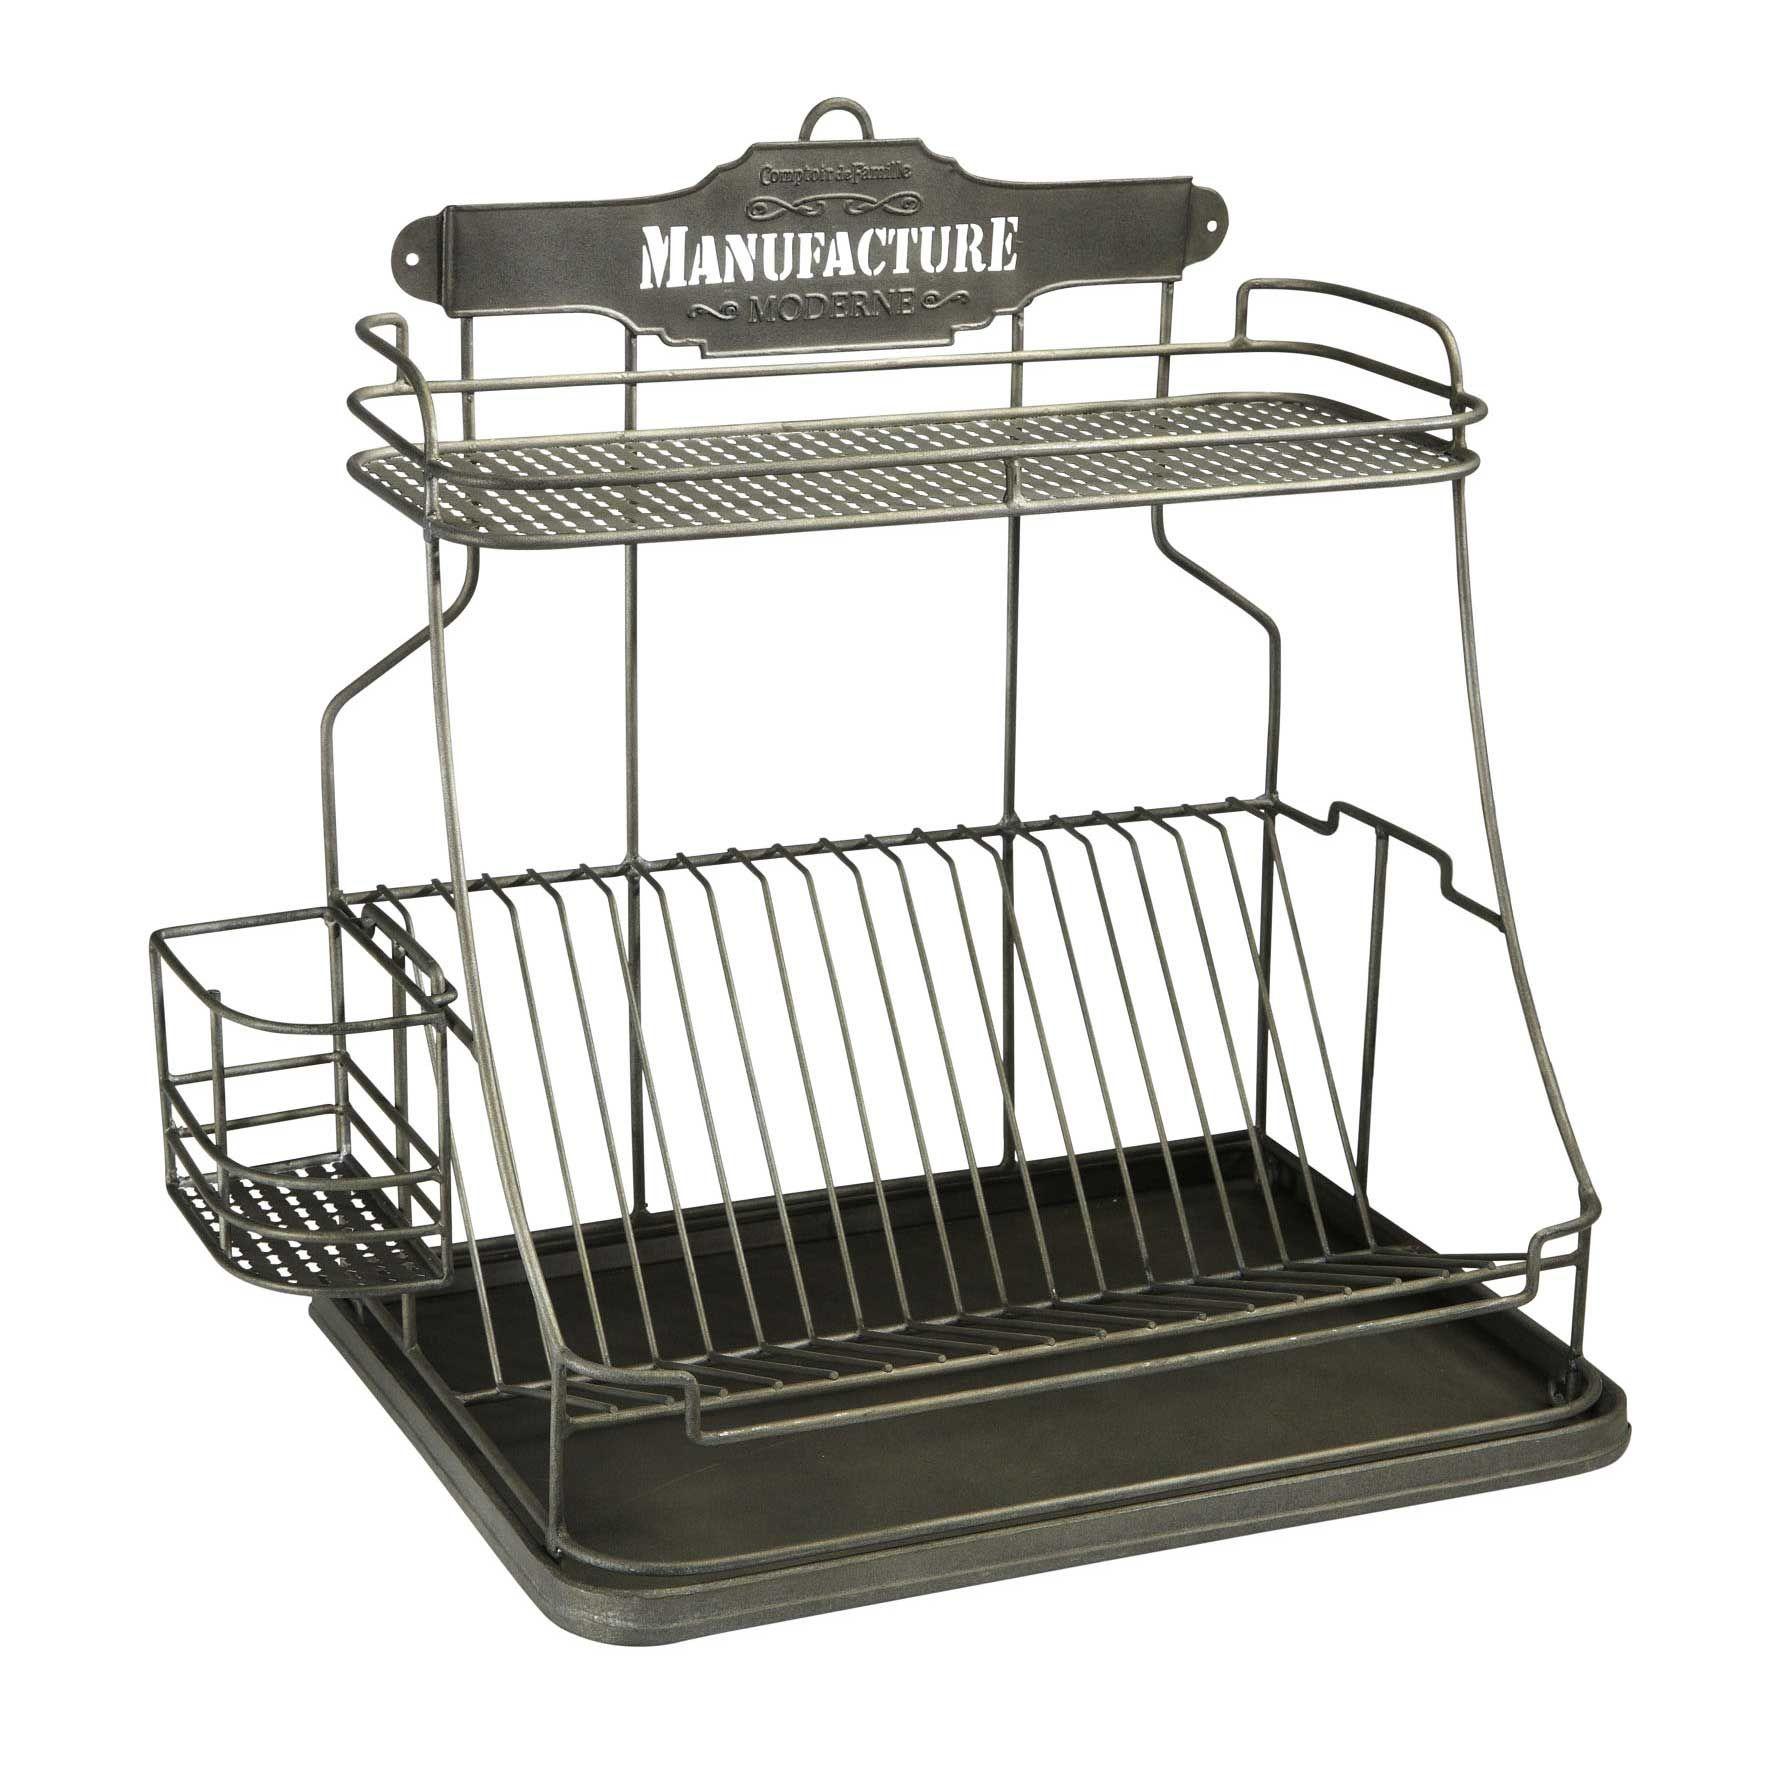 egouttoir vaisselle manufacture moderne par comptoir de famille chez delamaison ambiance. Black Bedroom Furniture Sets. Home Design Ideas